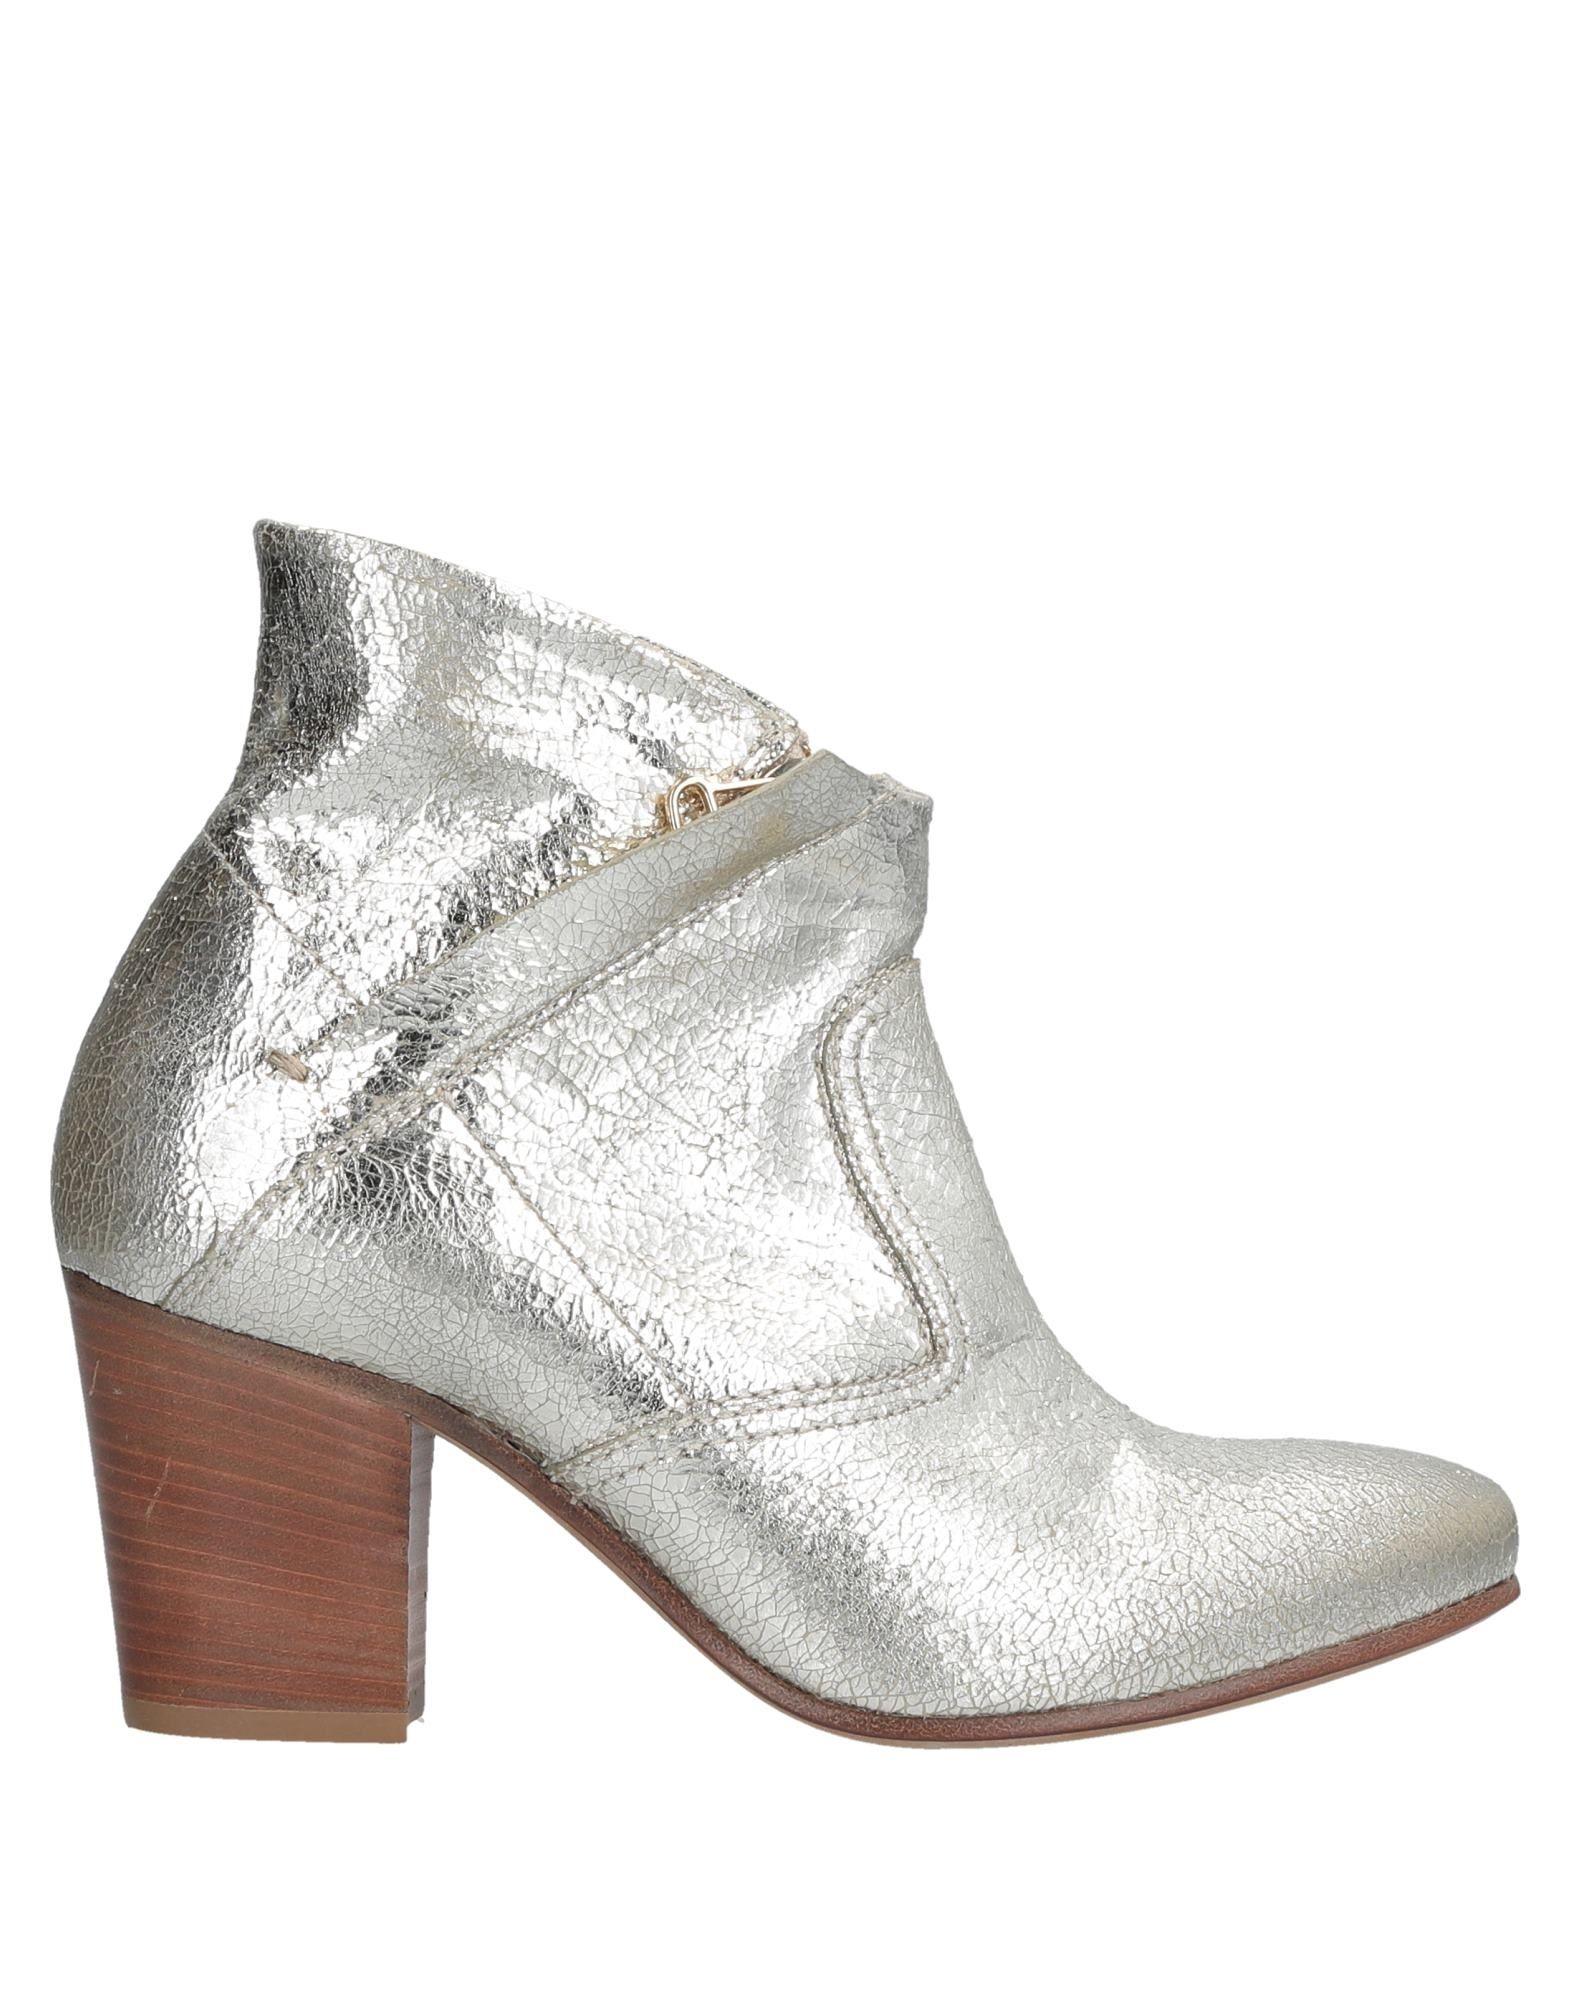 Stilvolle billige Schuhe Damen Kallistè Stiefelette Damen Schuhe  11539253UK 8b2208